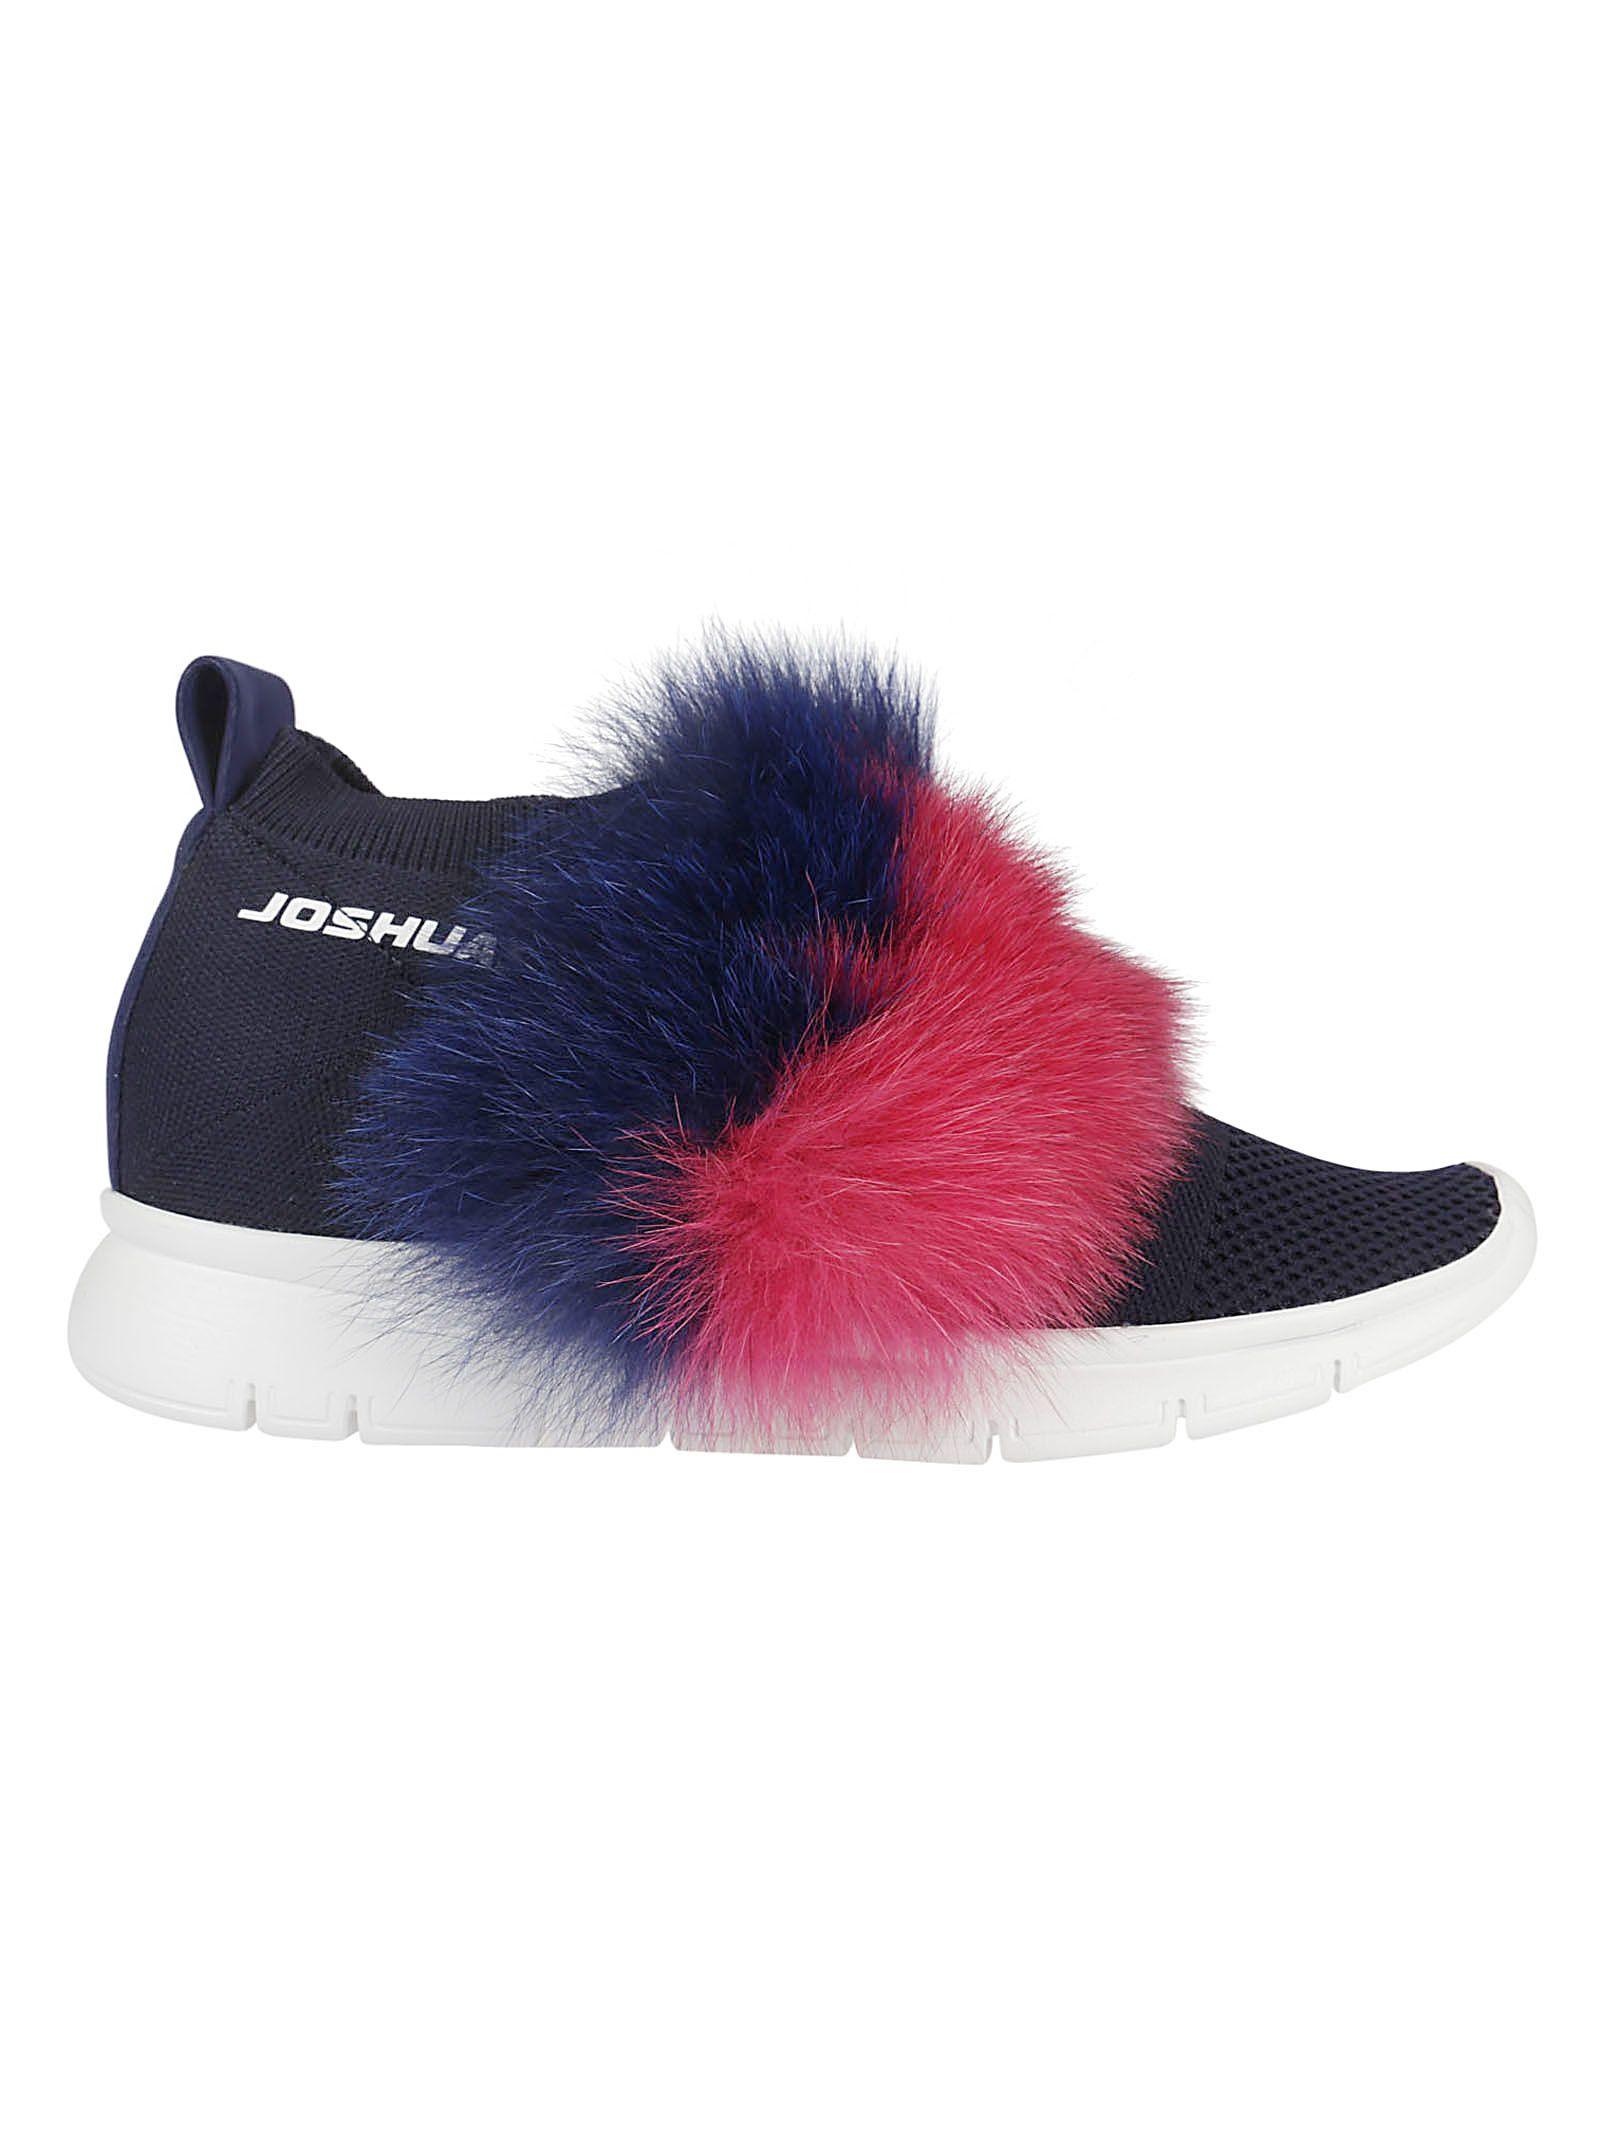 Joshua Sanders Neoprene Volpe Sneakers